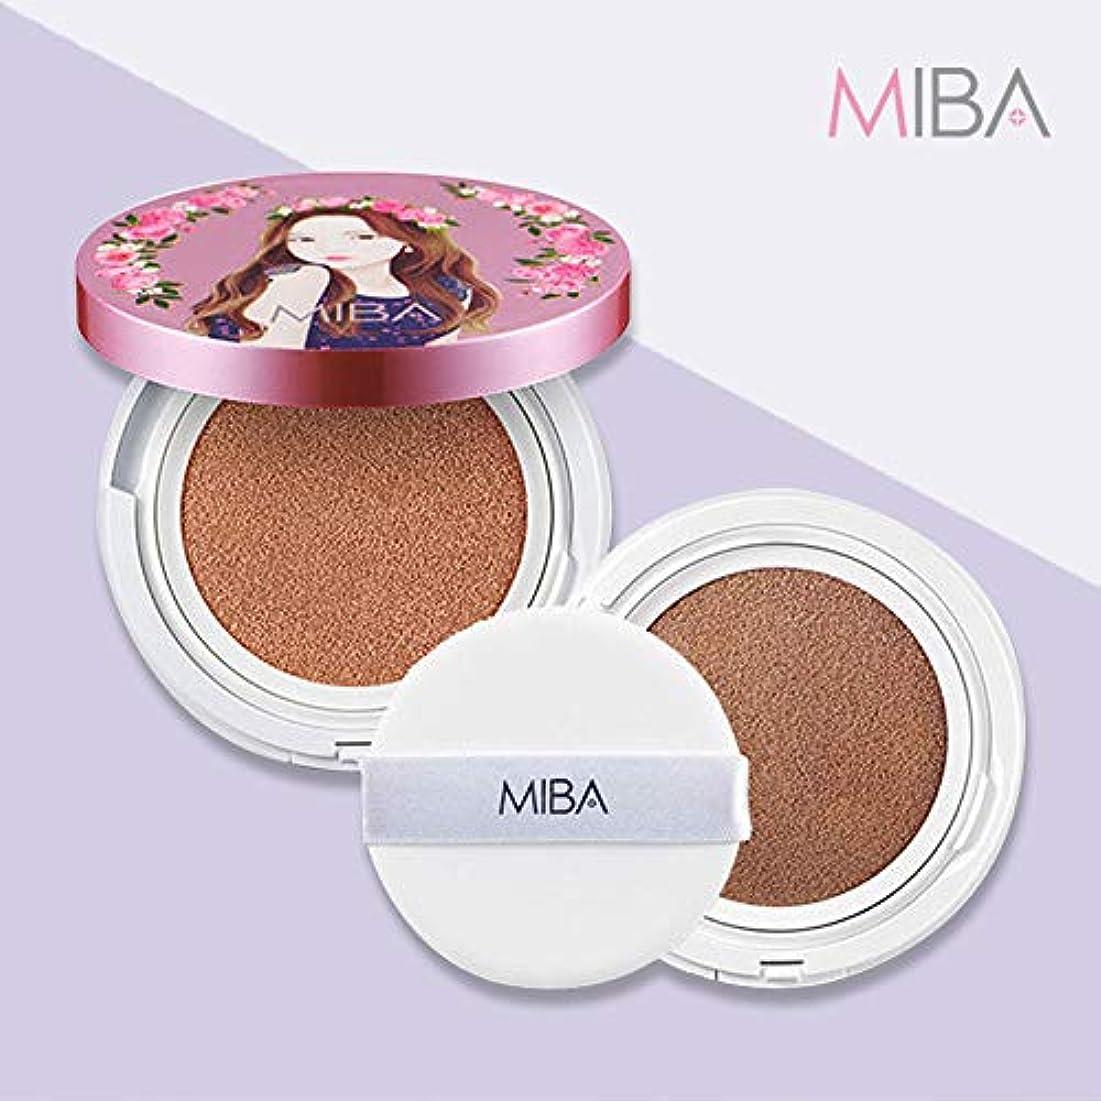 けん引繰り返したけん引【mineralbio】 MIBA ミバ イオンカルシウム ミネラルファンデーション ダブルクッション SPF50+/PA++++ 本品+リフィル+パフ2枚 明るい肌用 (Ion Calcium Foundation Double Cushion set 24g #21 Light skin)